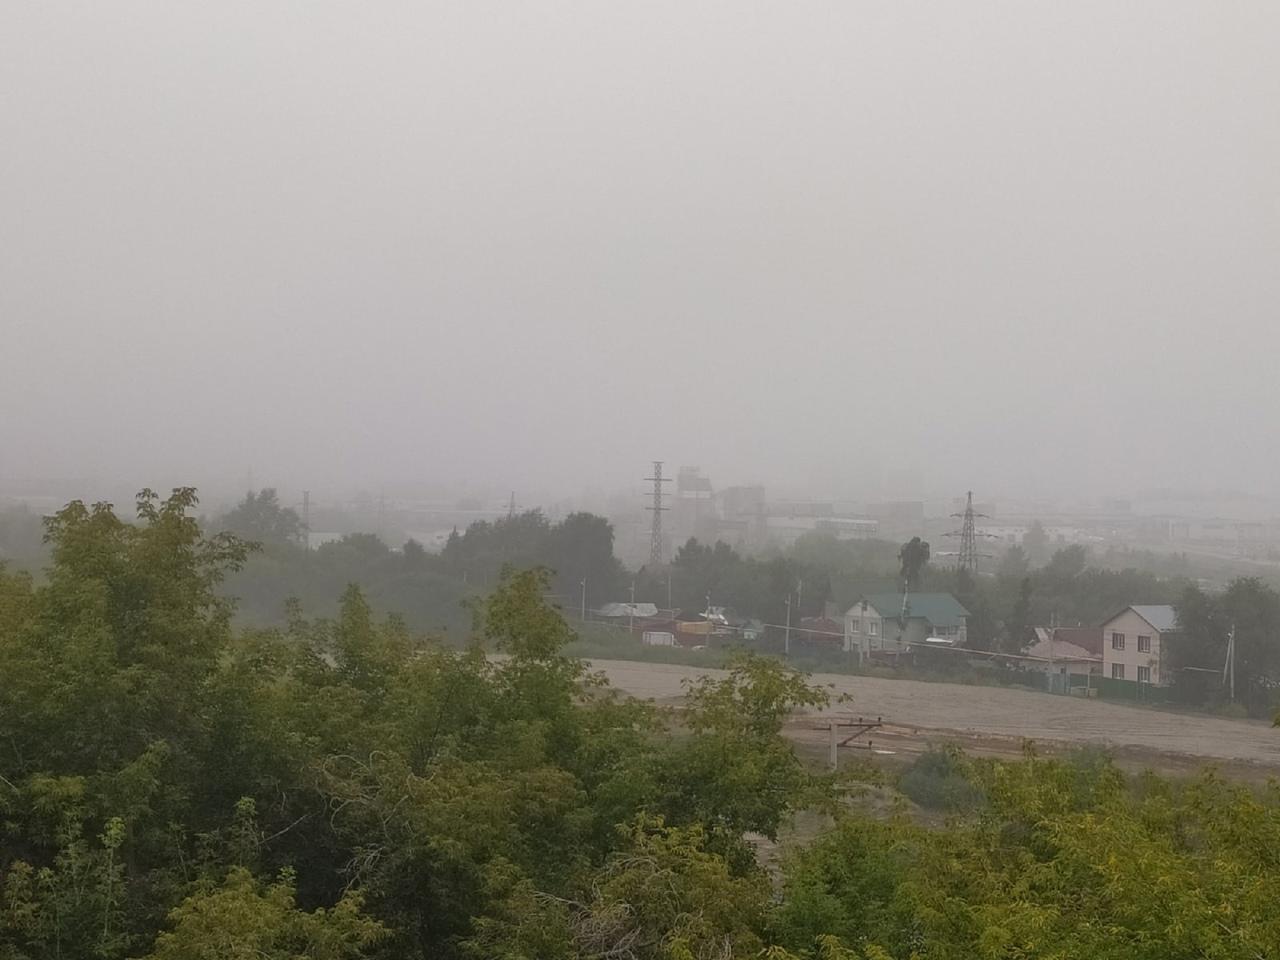 Фото «Таинственный туман или смог?»: повышенный уровень загрязнения воздуха зафиксирован в Новосибирске 2